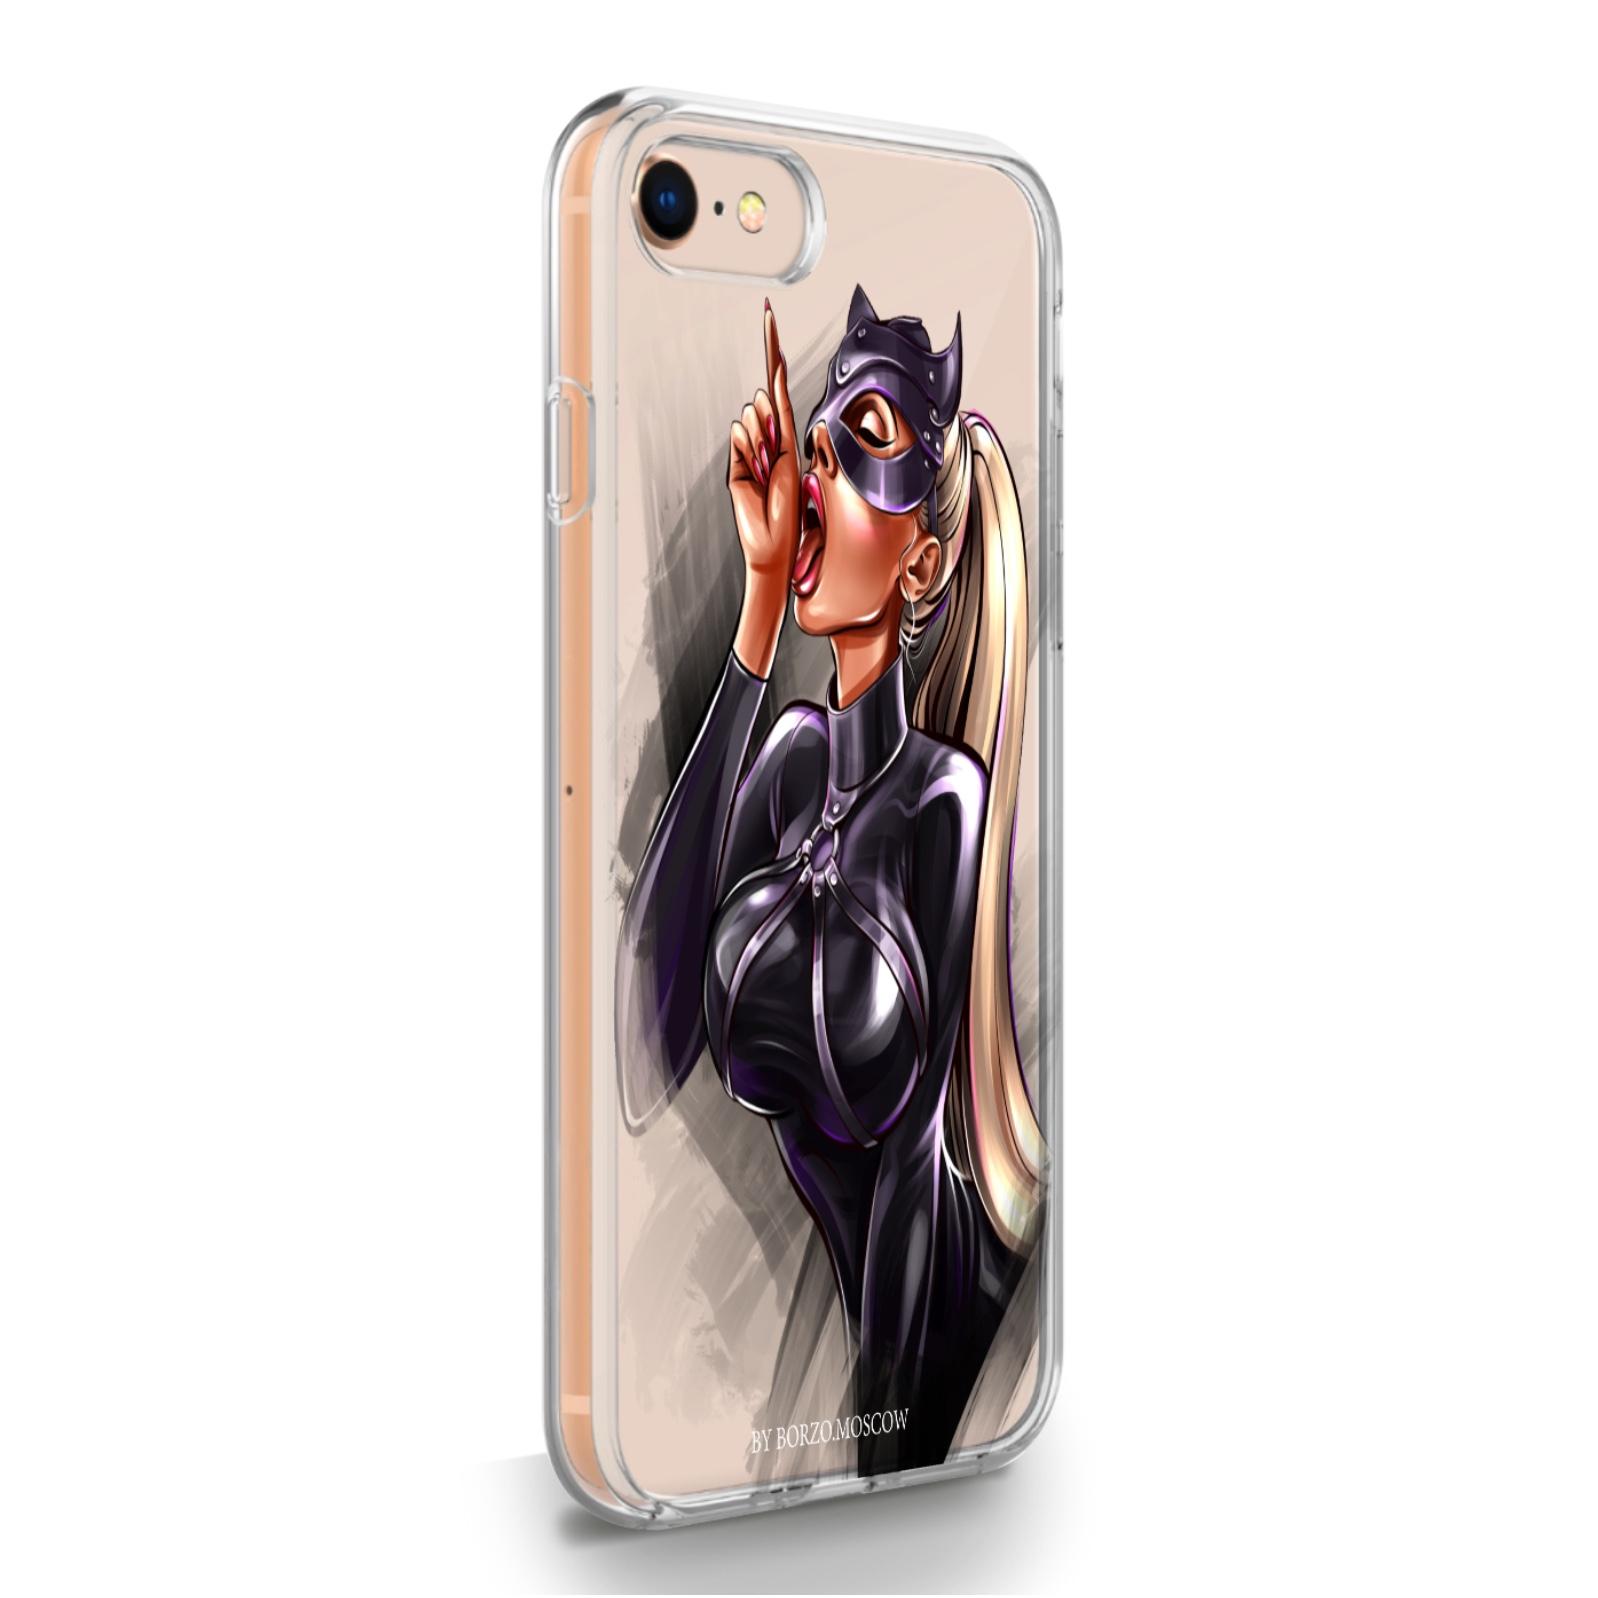 Прозрачный силиконовый чехол для iPhone 7/8/SE2020 Kitty/ Кошечка для Айфон 7/8/СЕ2020